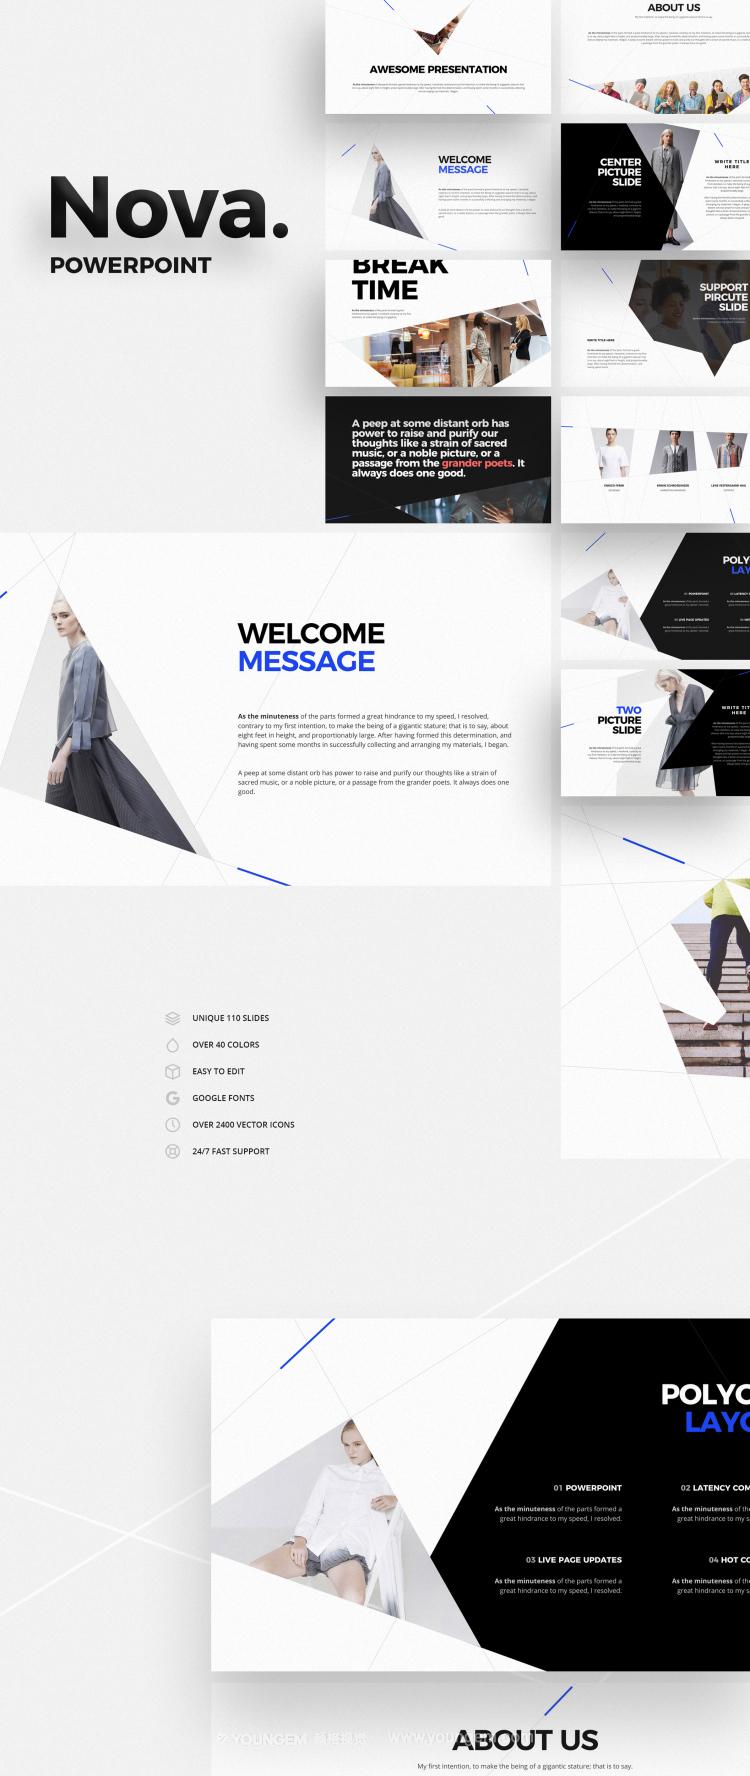 冷色调简洁创意商业PPT模板演示文稿图片